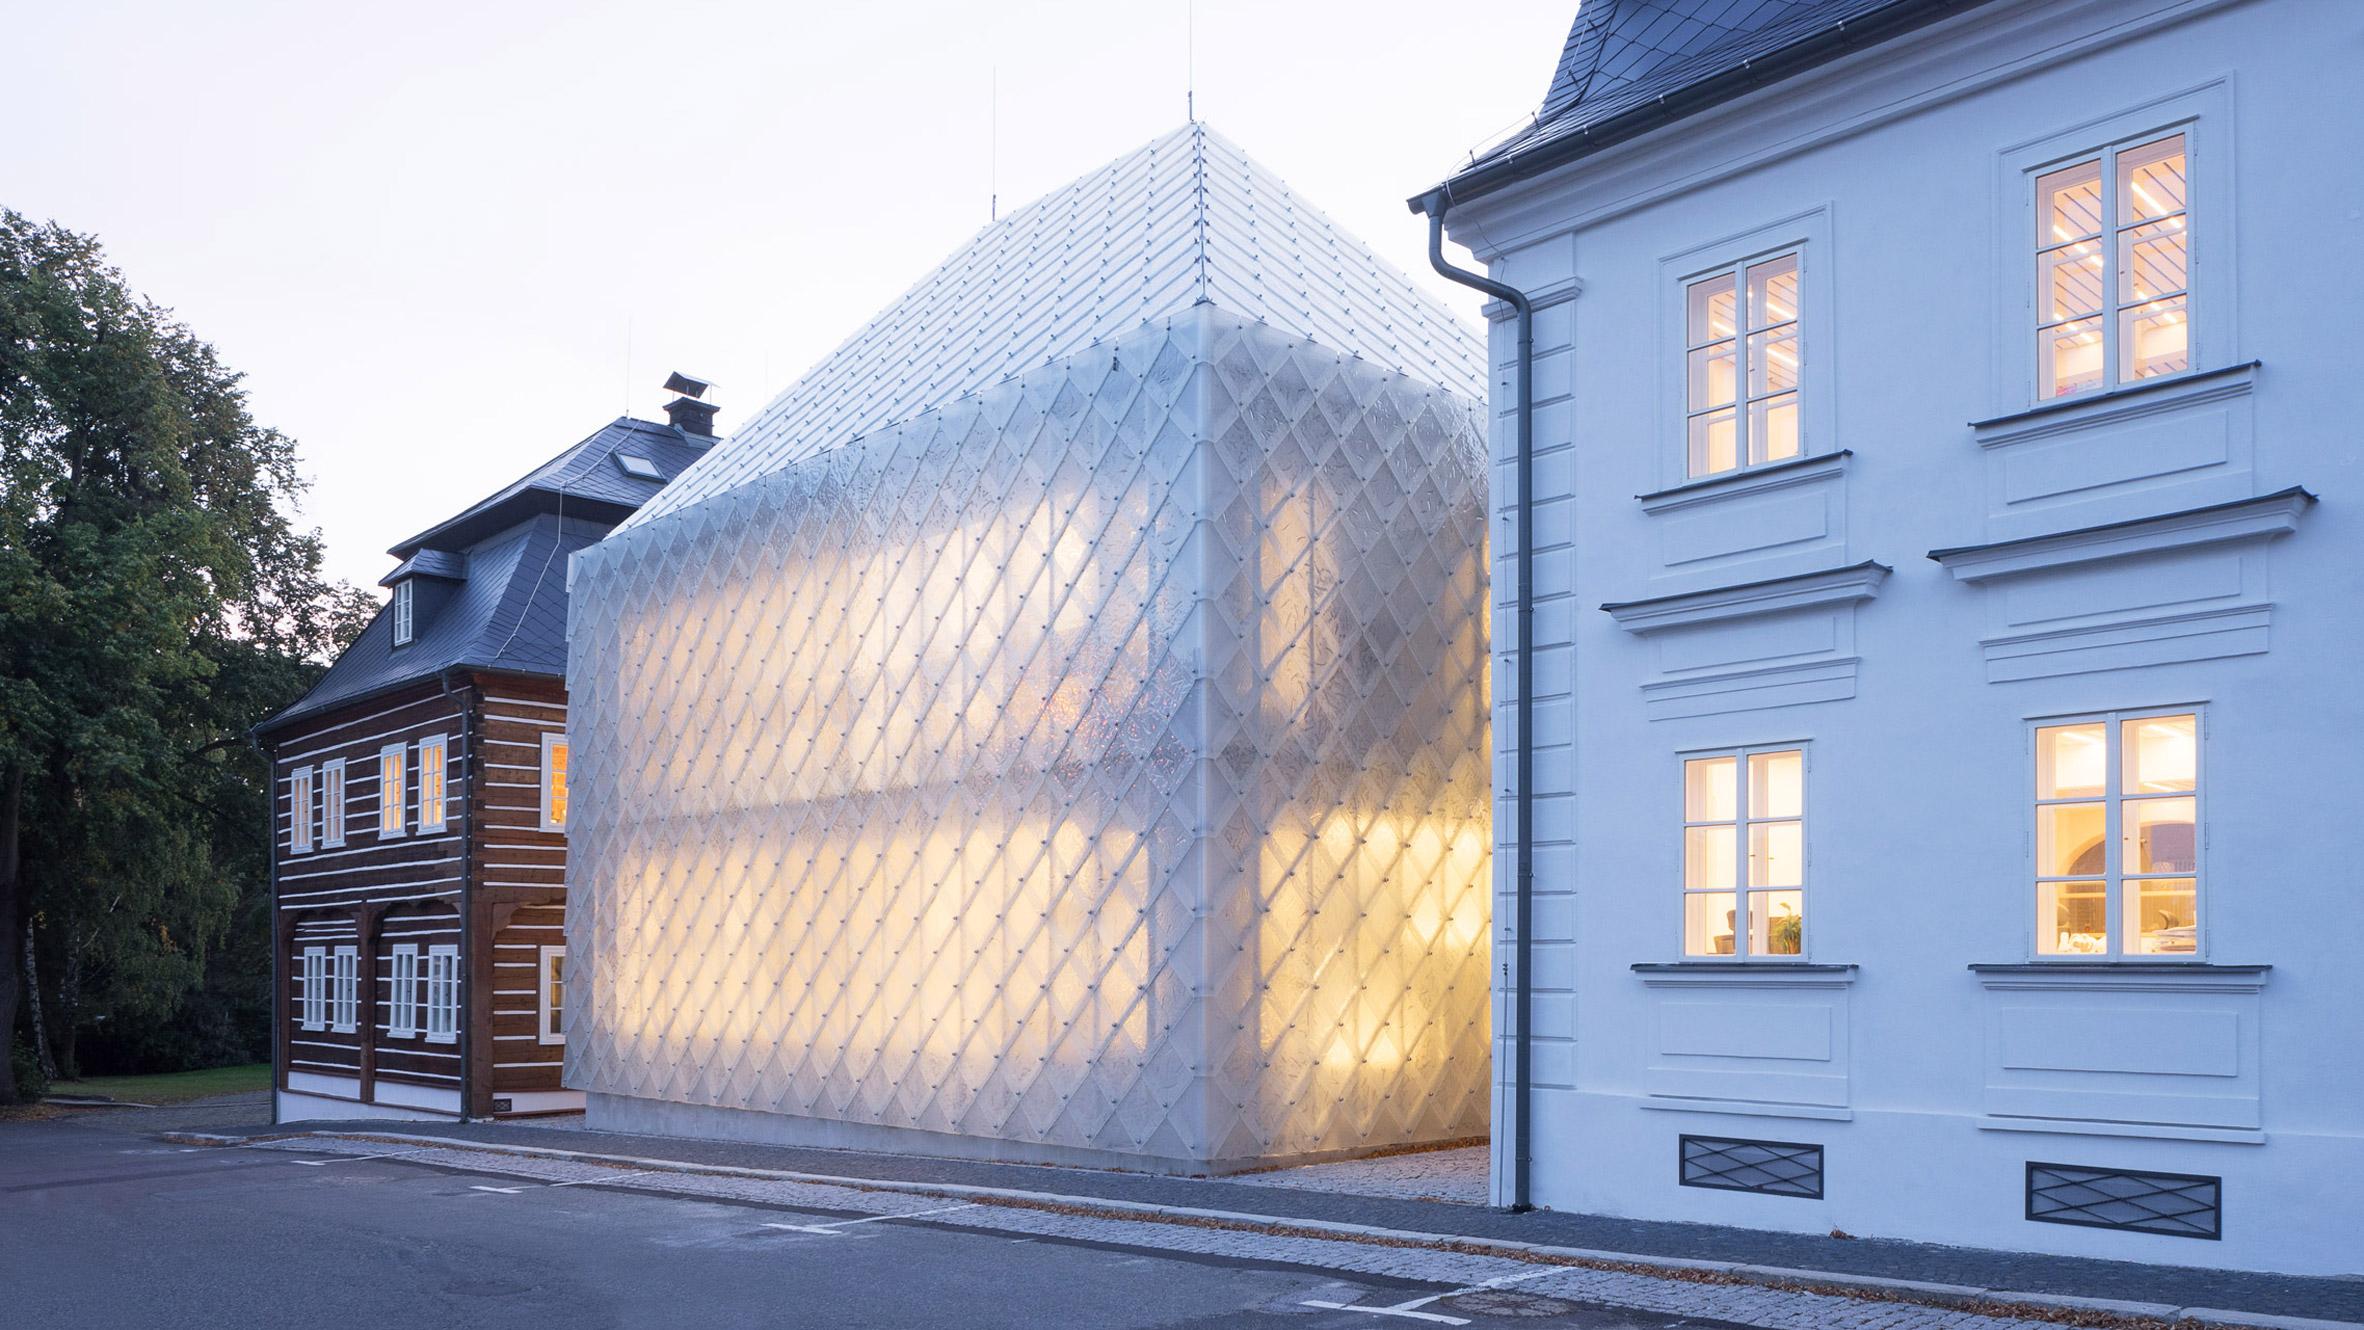 Translucent glass house built alongside historic buildings for Lasvit's Czech Republic HQ